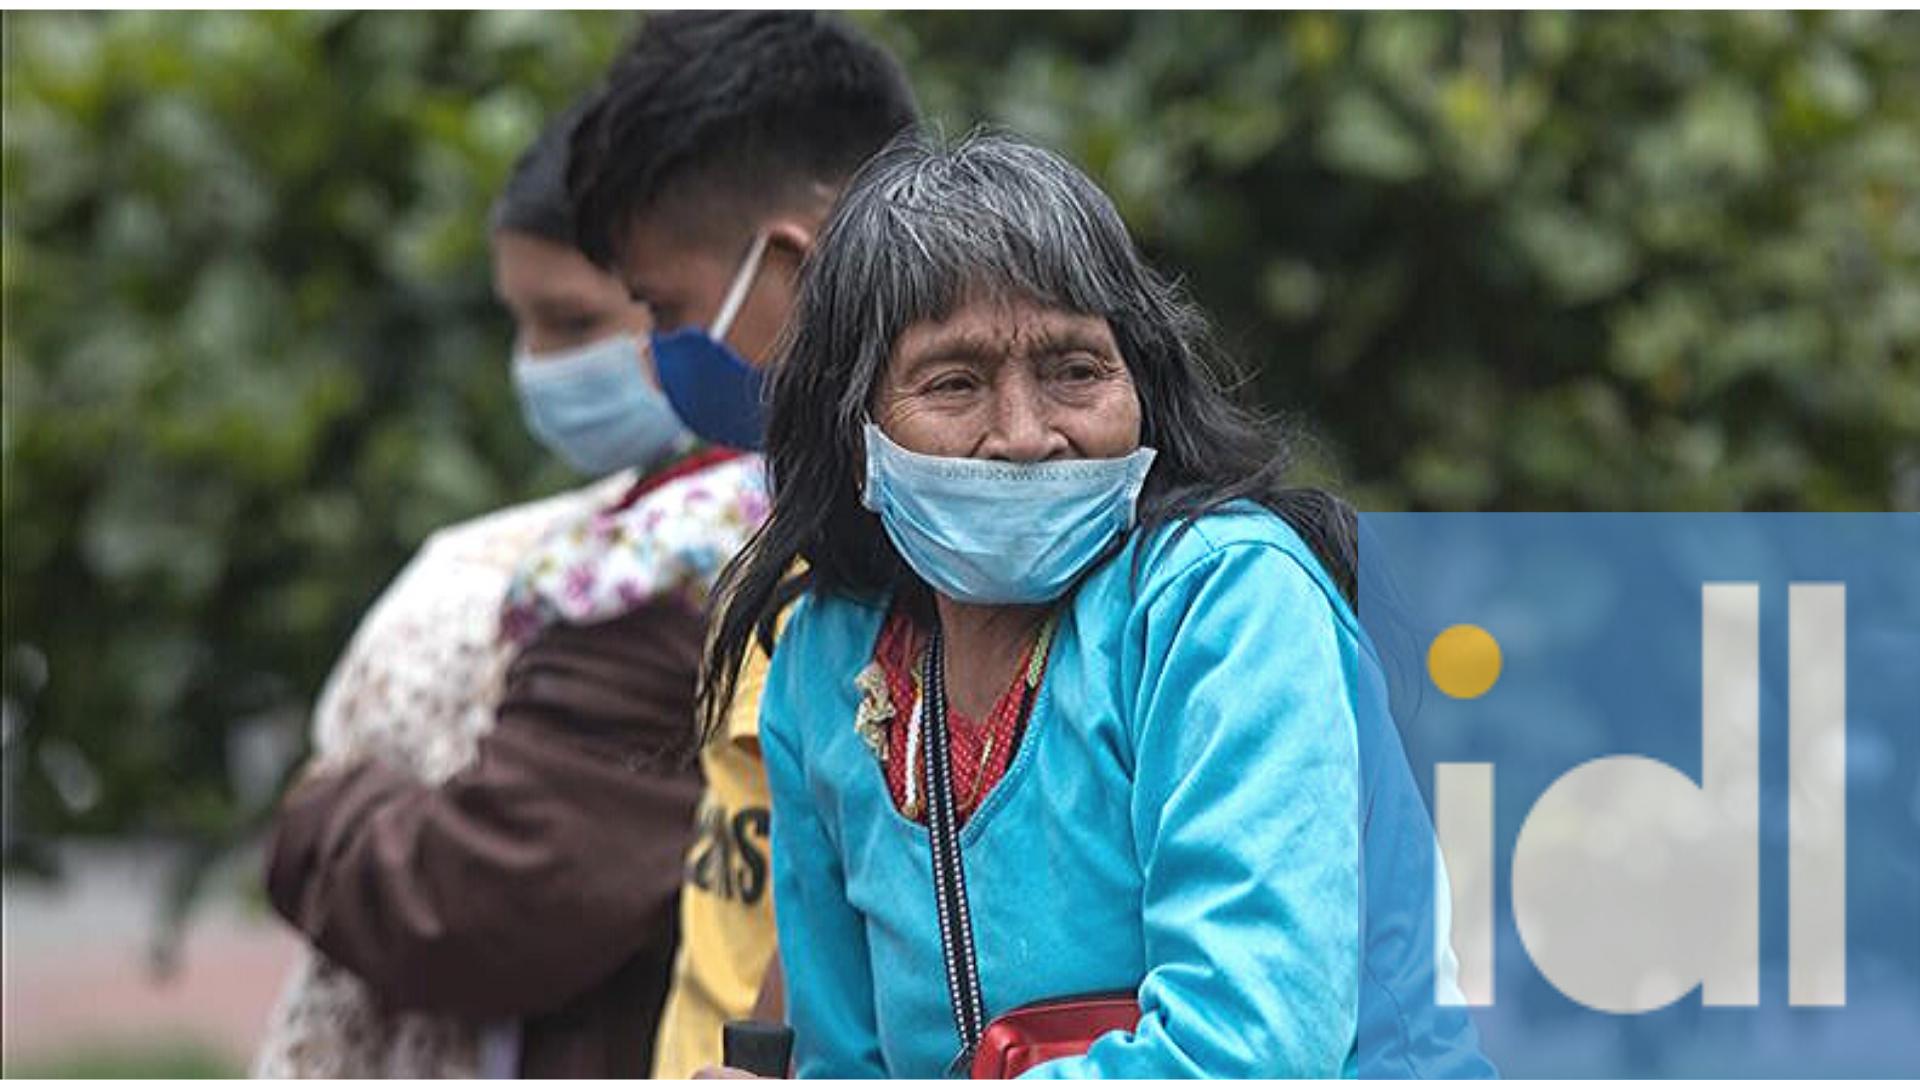 Los pueblos indígenas frente a la COVID-19: sus vulnerabilidades y demandas